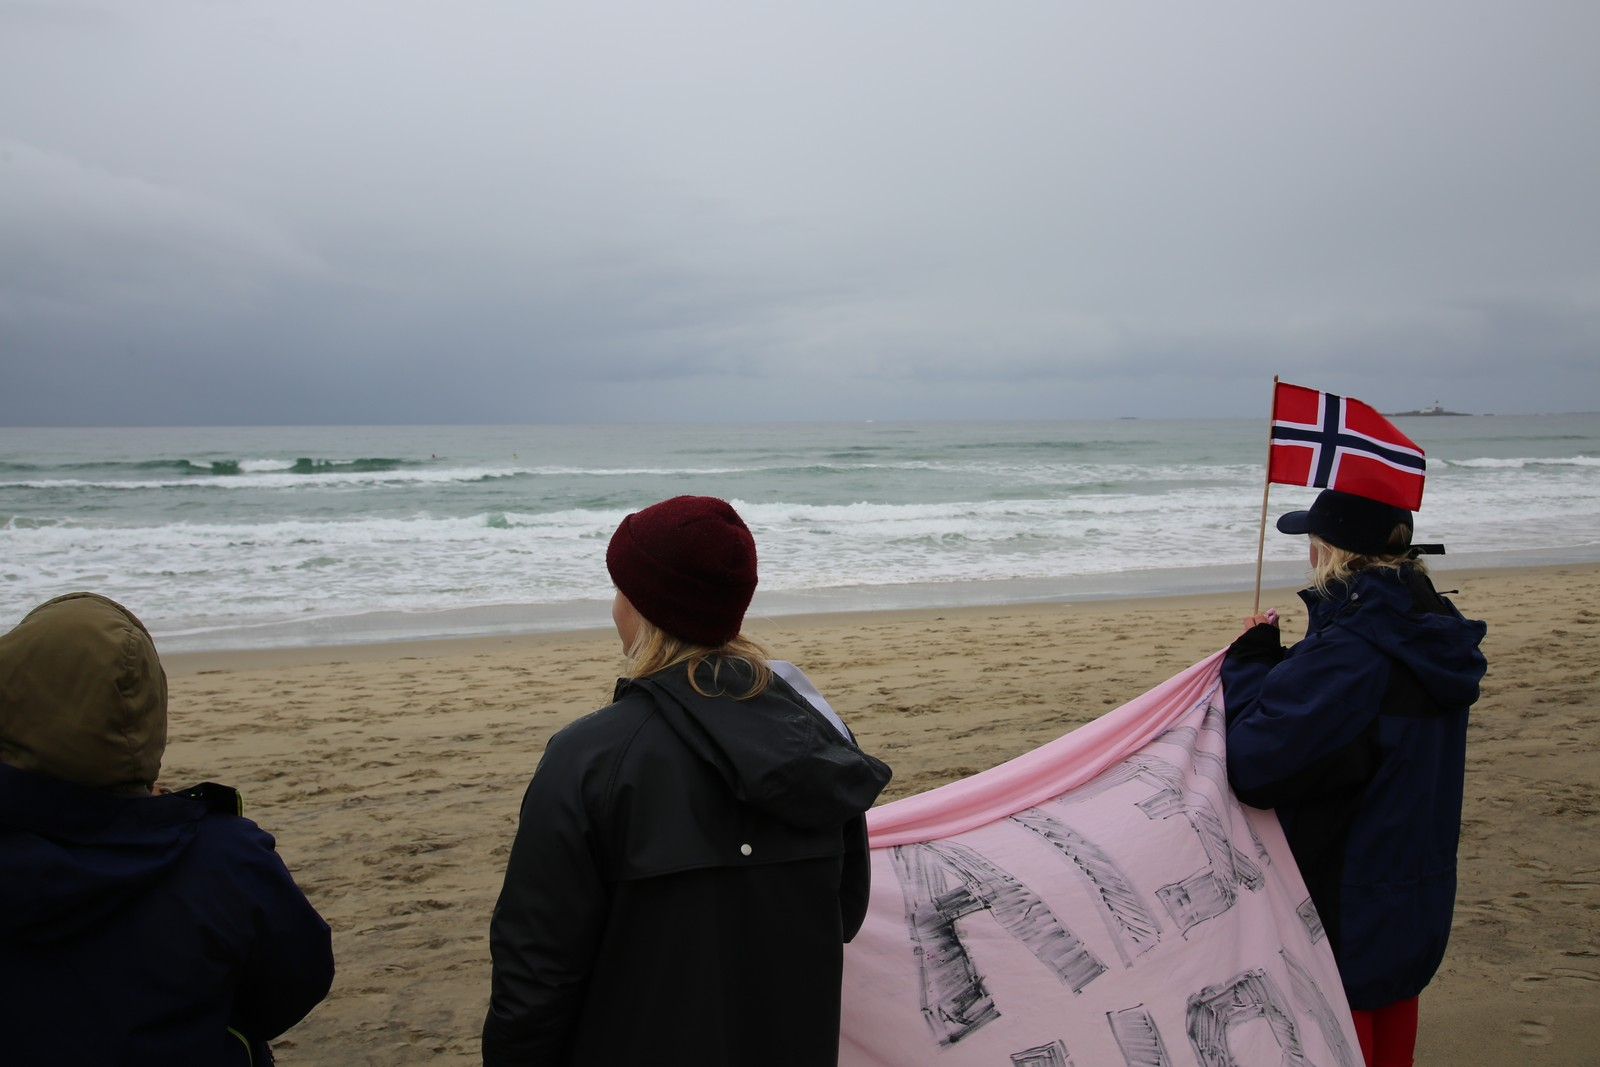 Flere norske fans hadde møtt opp for å følge deltakerne.